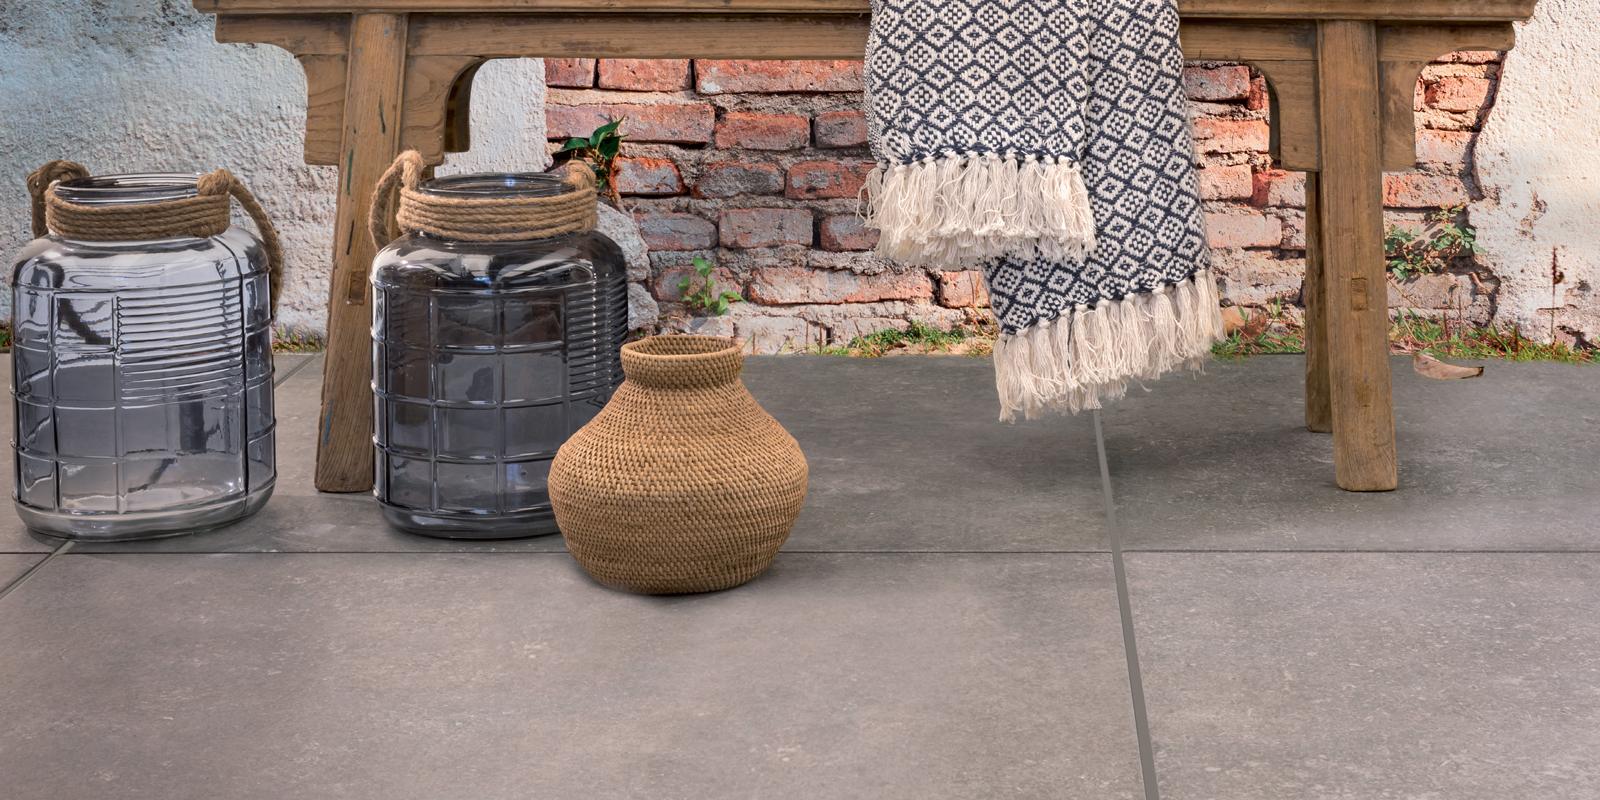 tuintegels, koltegels, kol tegels, tegels voor buiten, tegels voor in de tuin